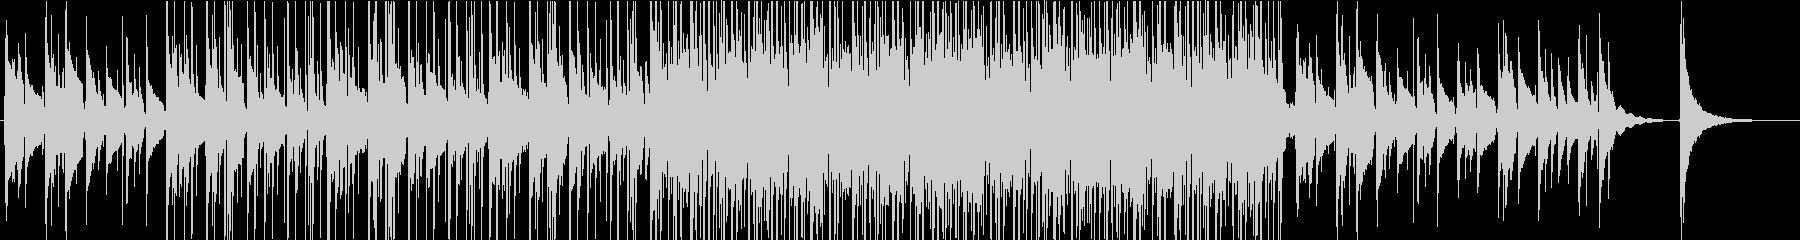 ピアノとギターの切ないセピア調BGMの未再生の波形